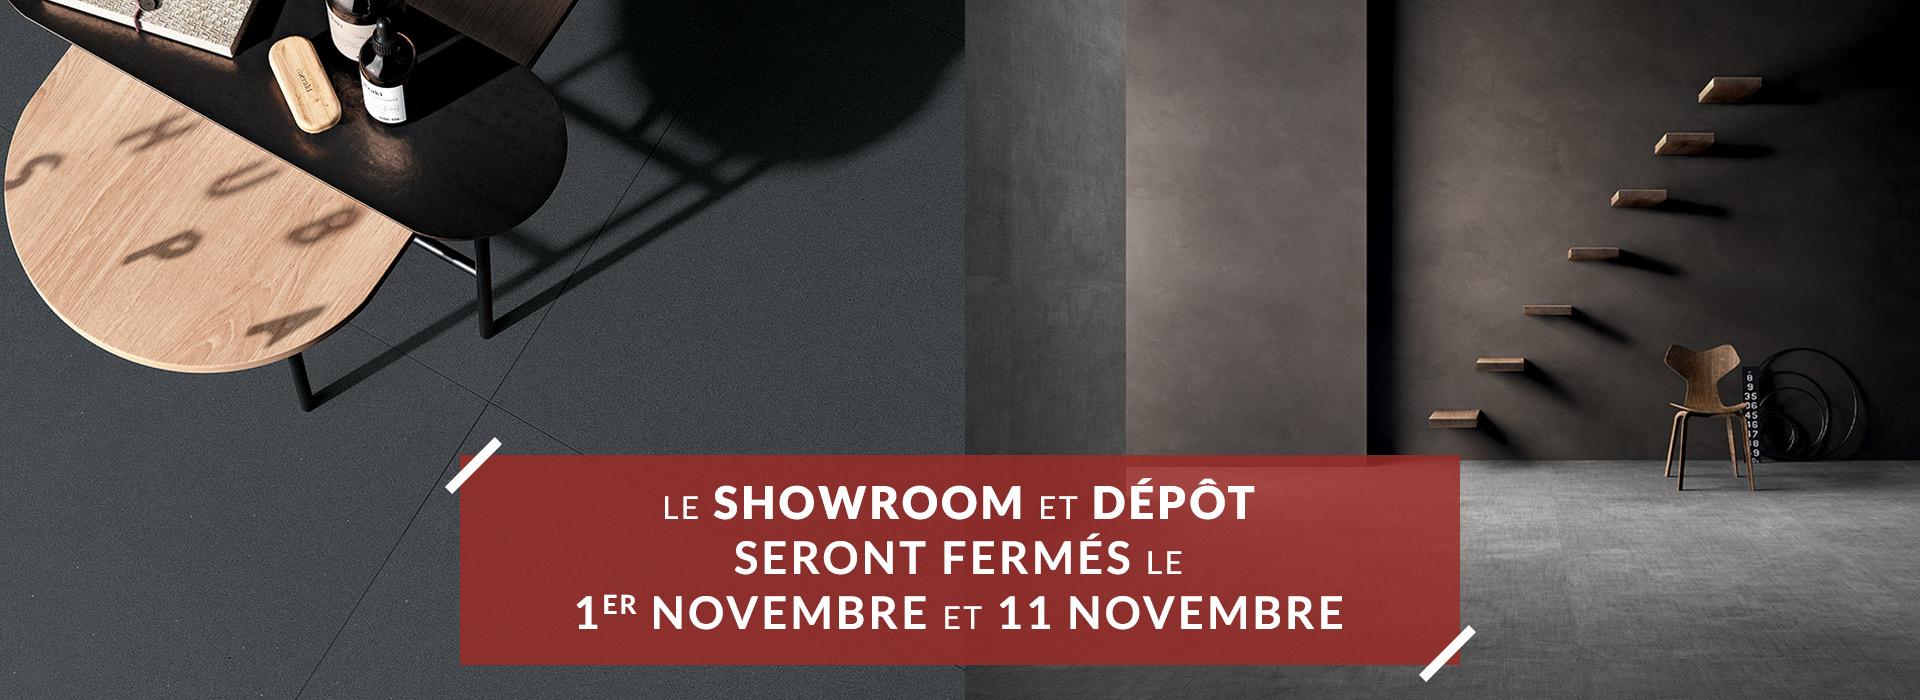 Showroom Fermé le 1er et 11 novembre 2021